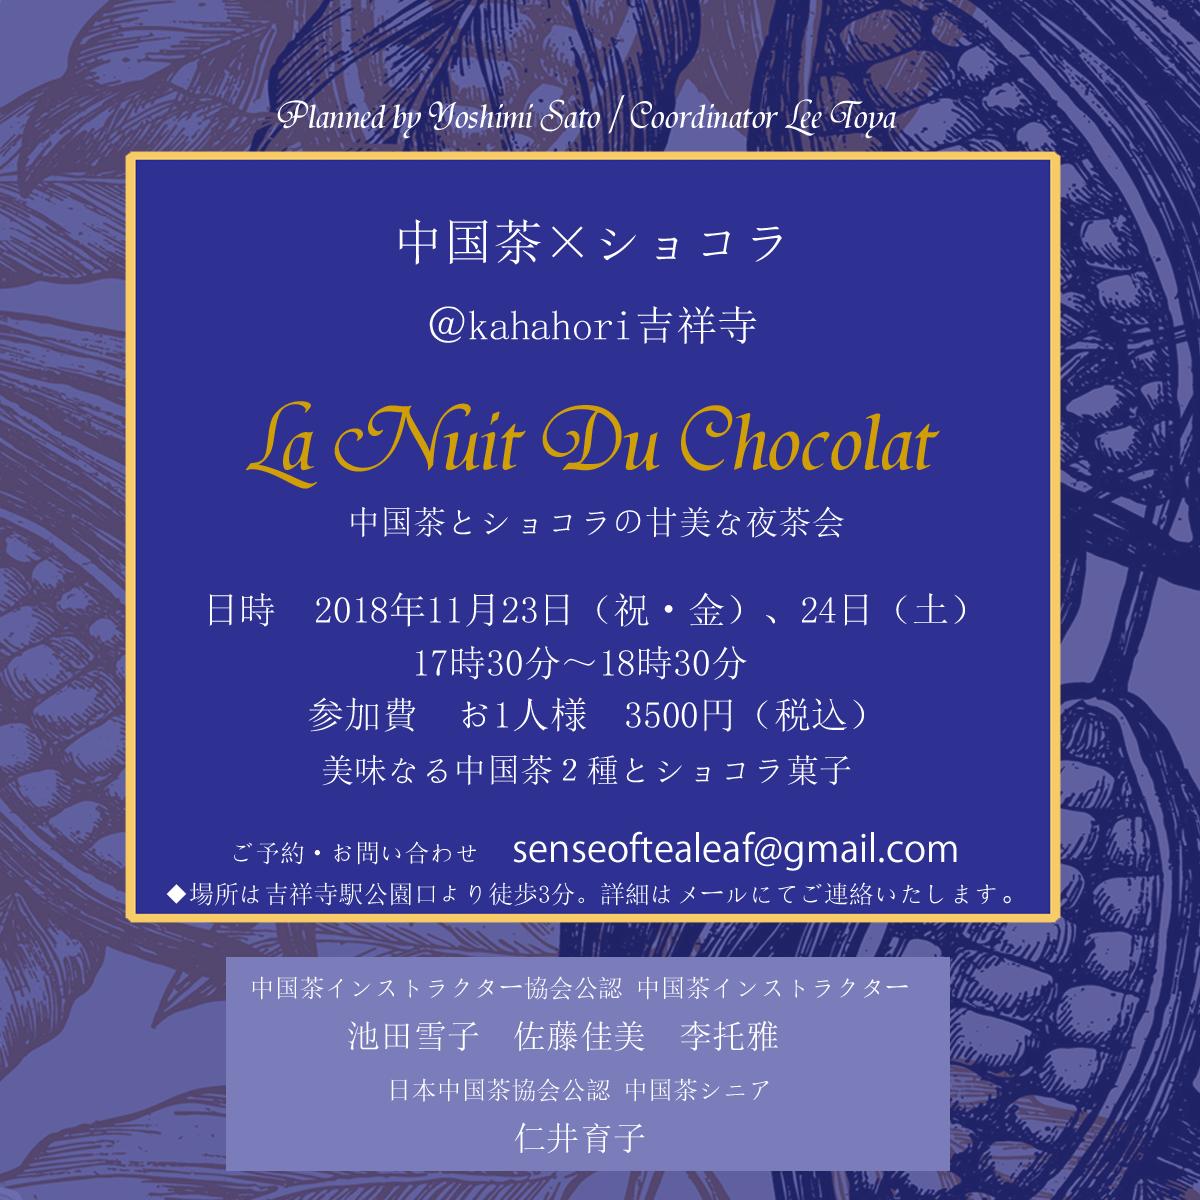 中国茶とショコラの夕べ「La Nuit Du Chocolat(ラ・ニュイ・ドゥ・ショコラ)」